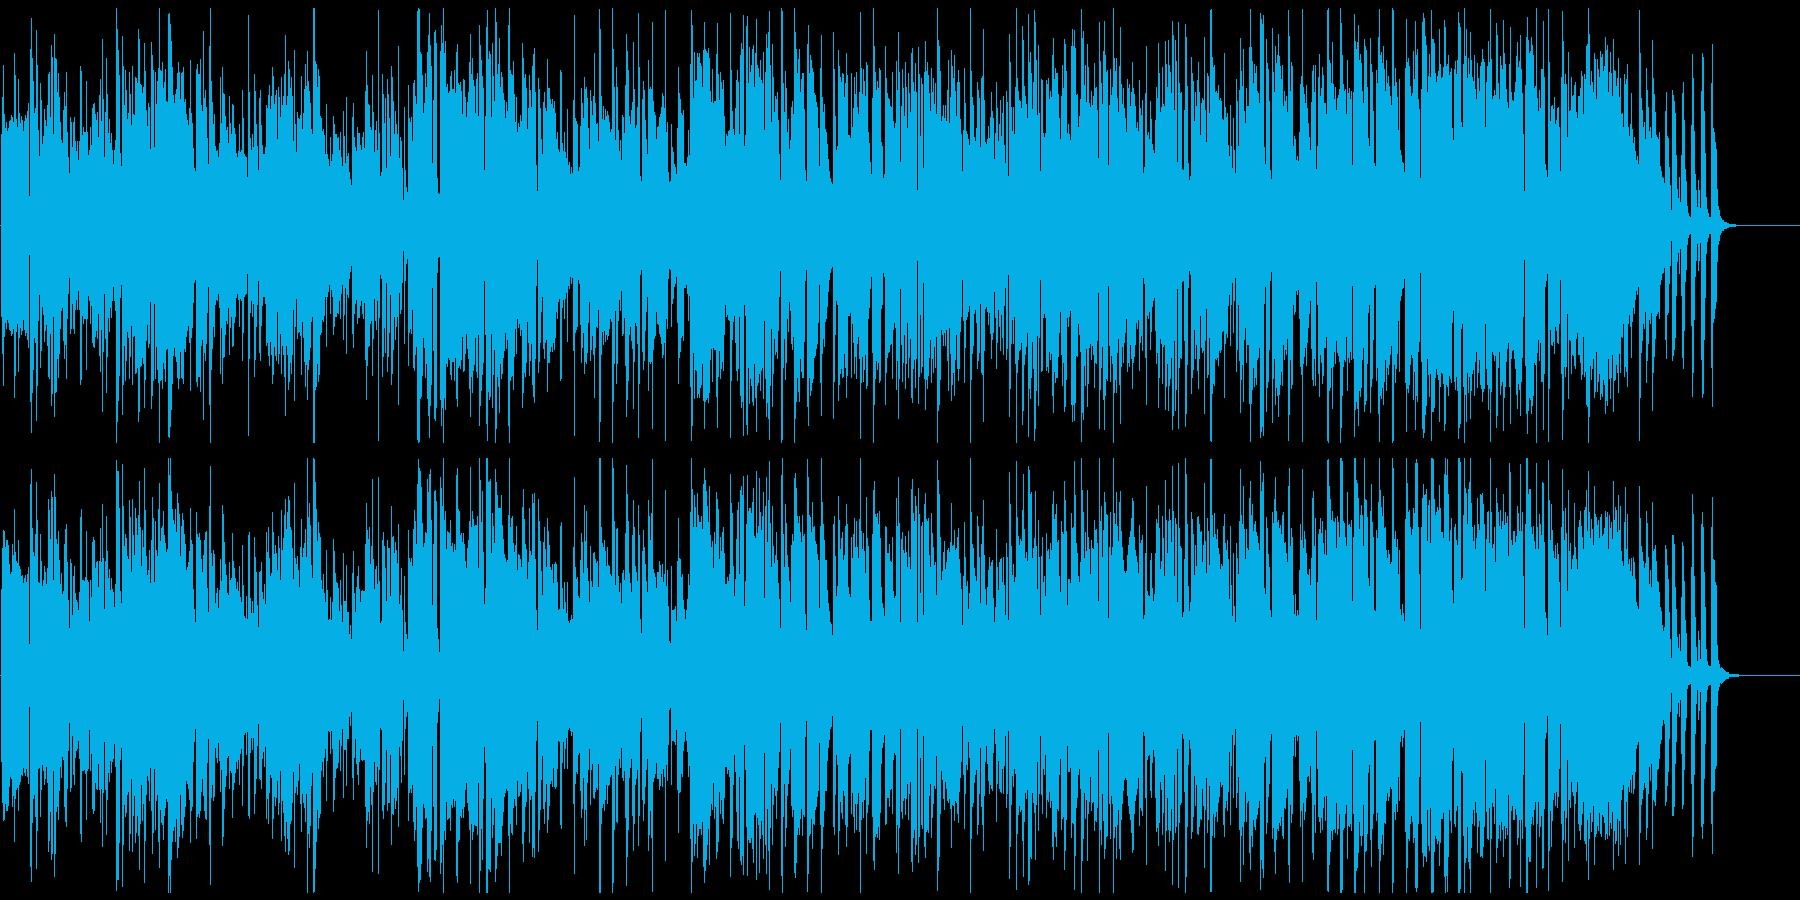 レトロフューチャーな雰囲気のフュージョンの再生済みの波形